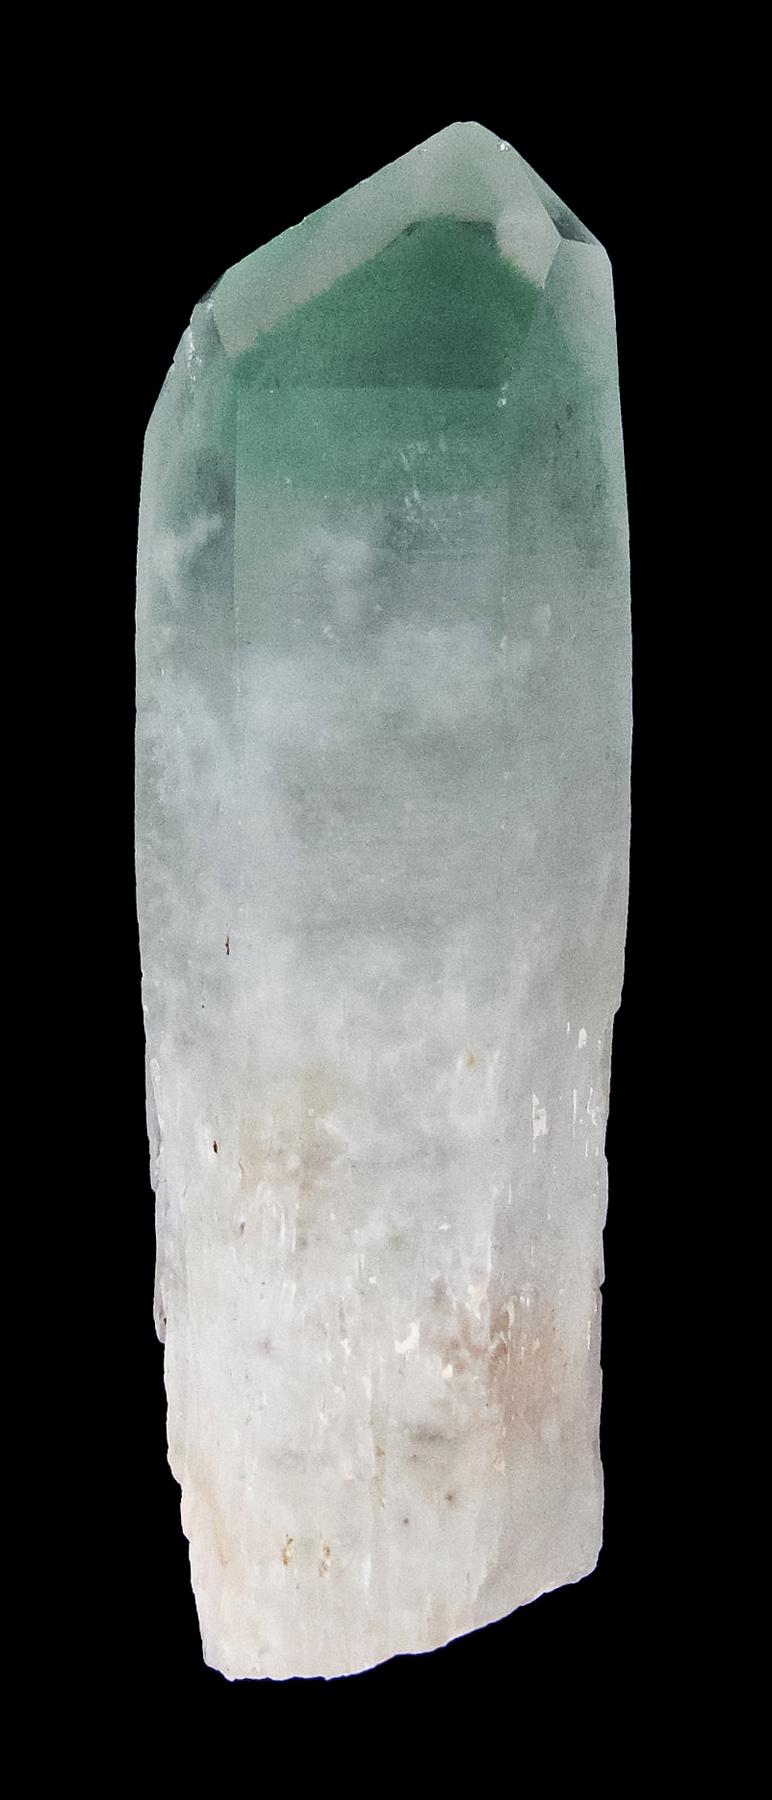 This quartz crystal lustrous translucent gemmy superb fuchsite phantom